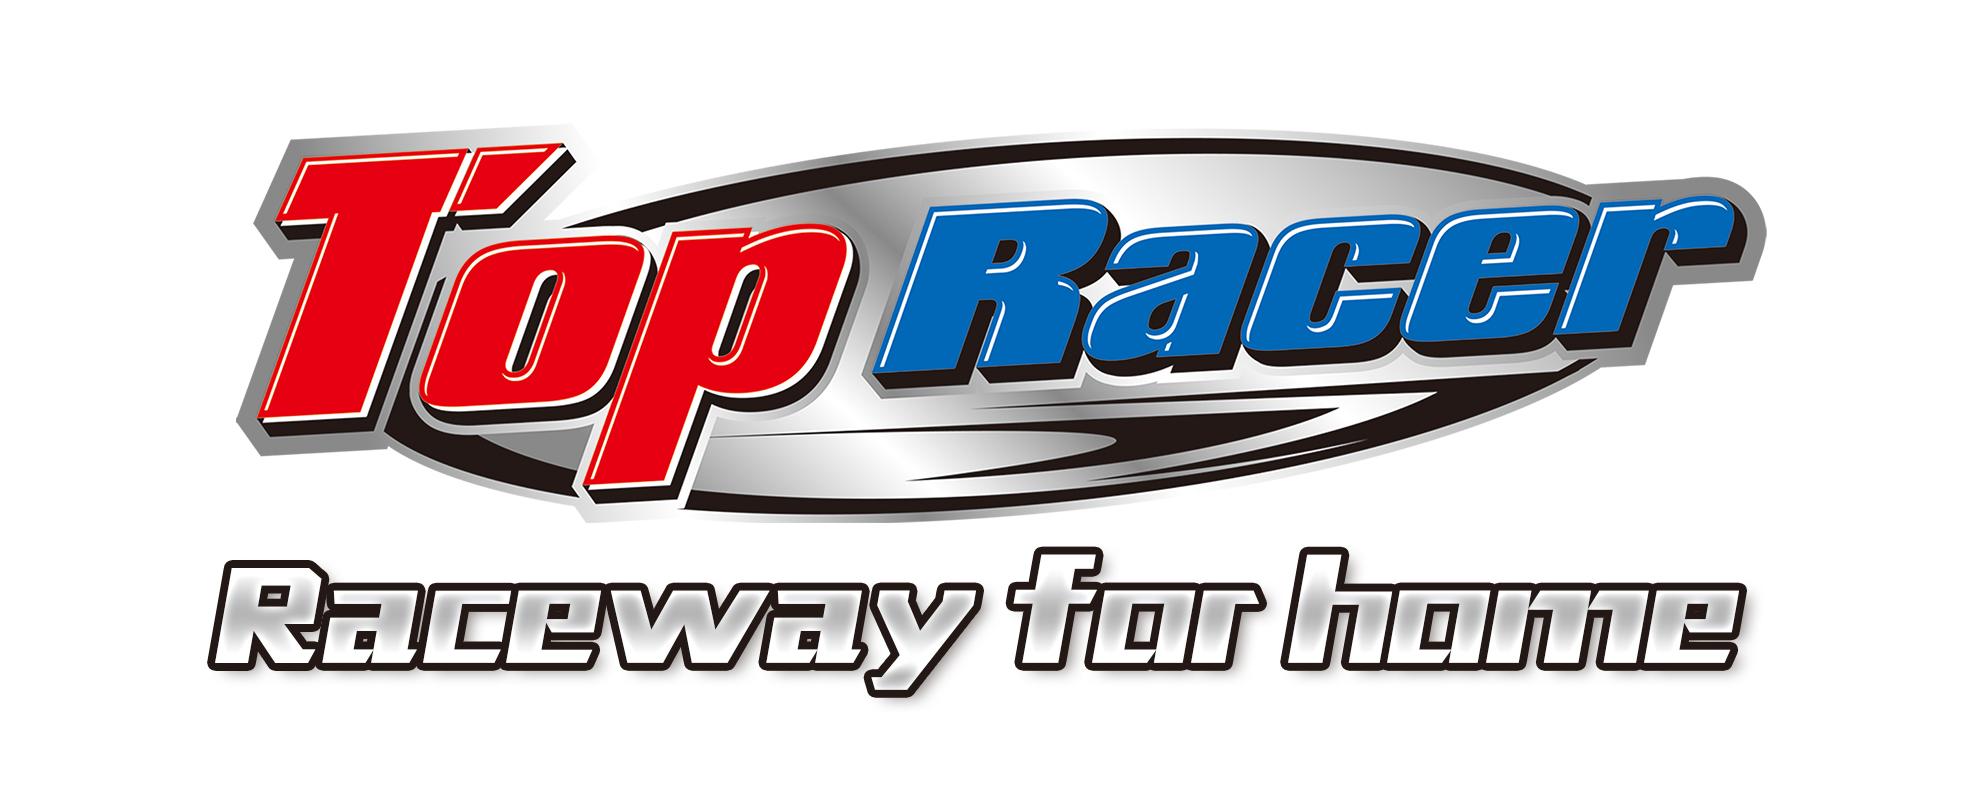 Das ist das Logo von Top Racer, einem Rennbahn Hersteller aus Shantou in China.